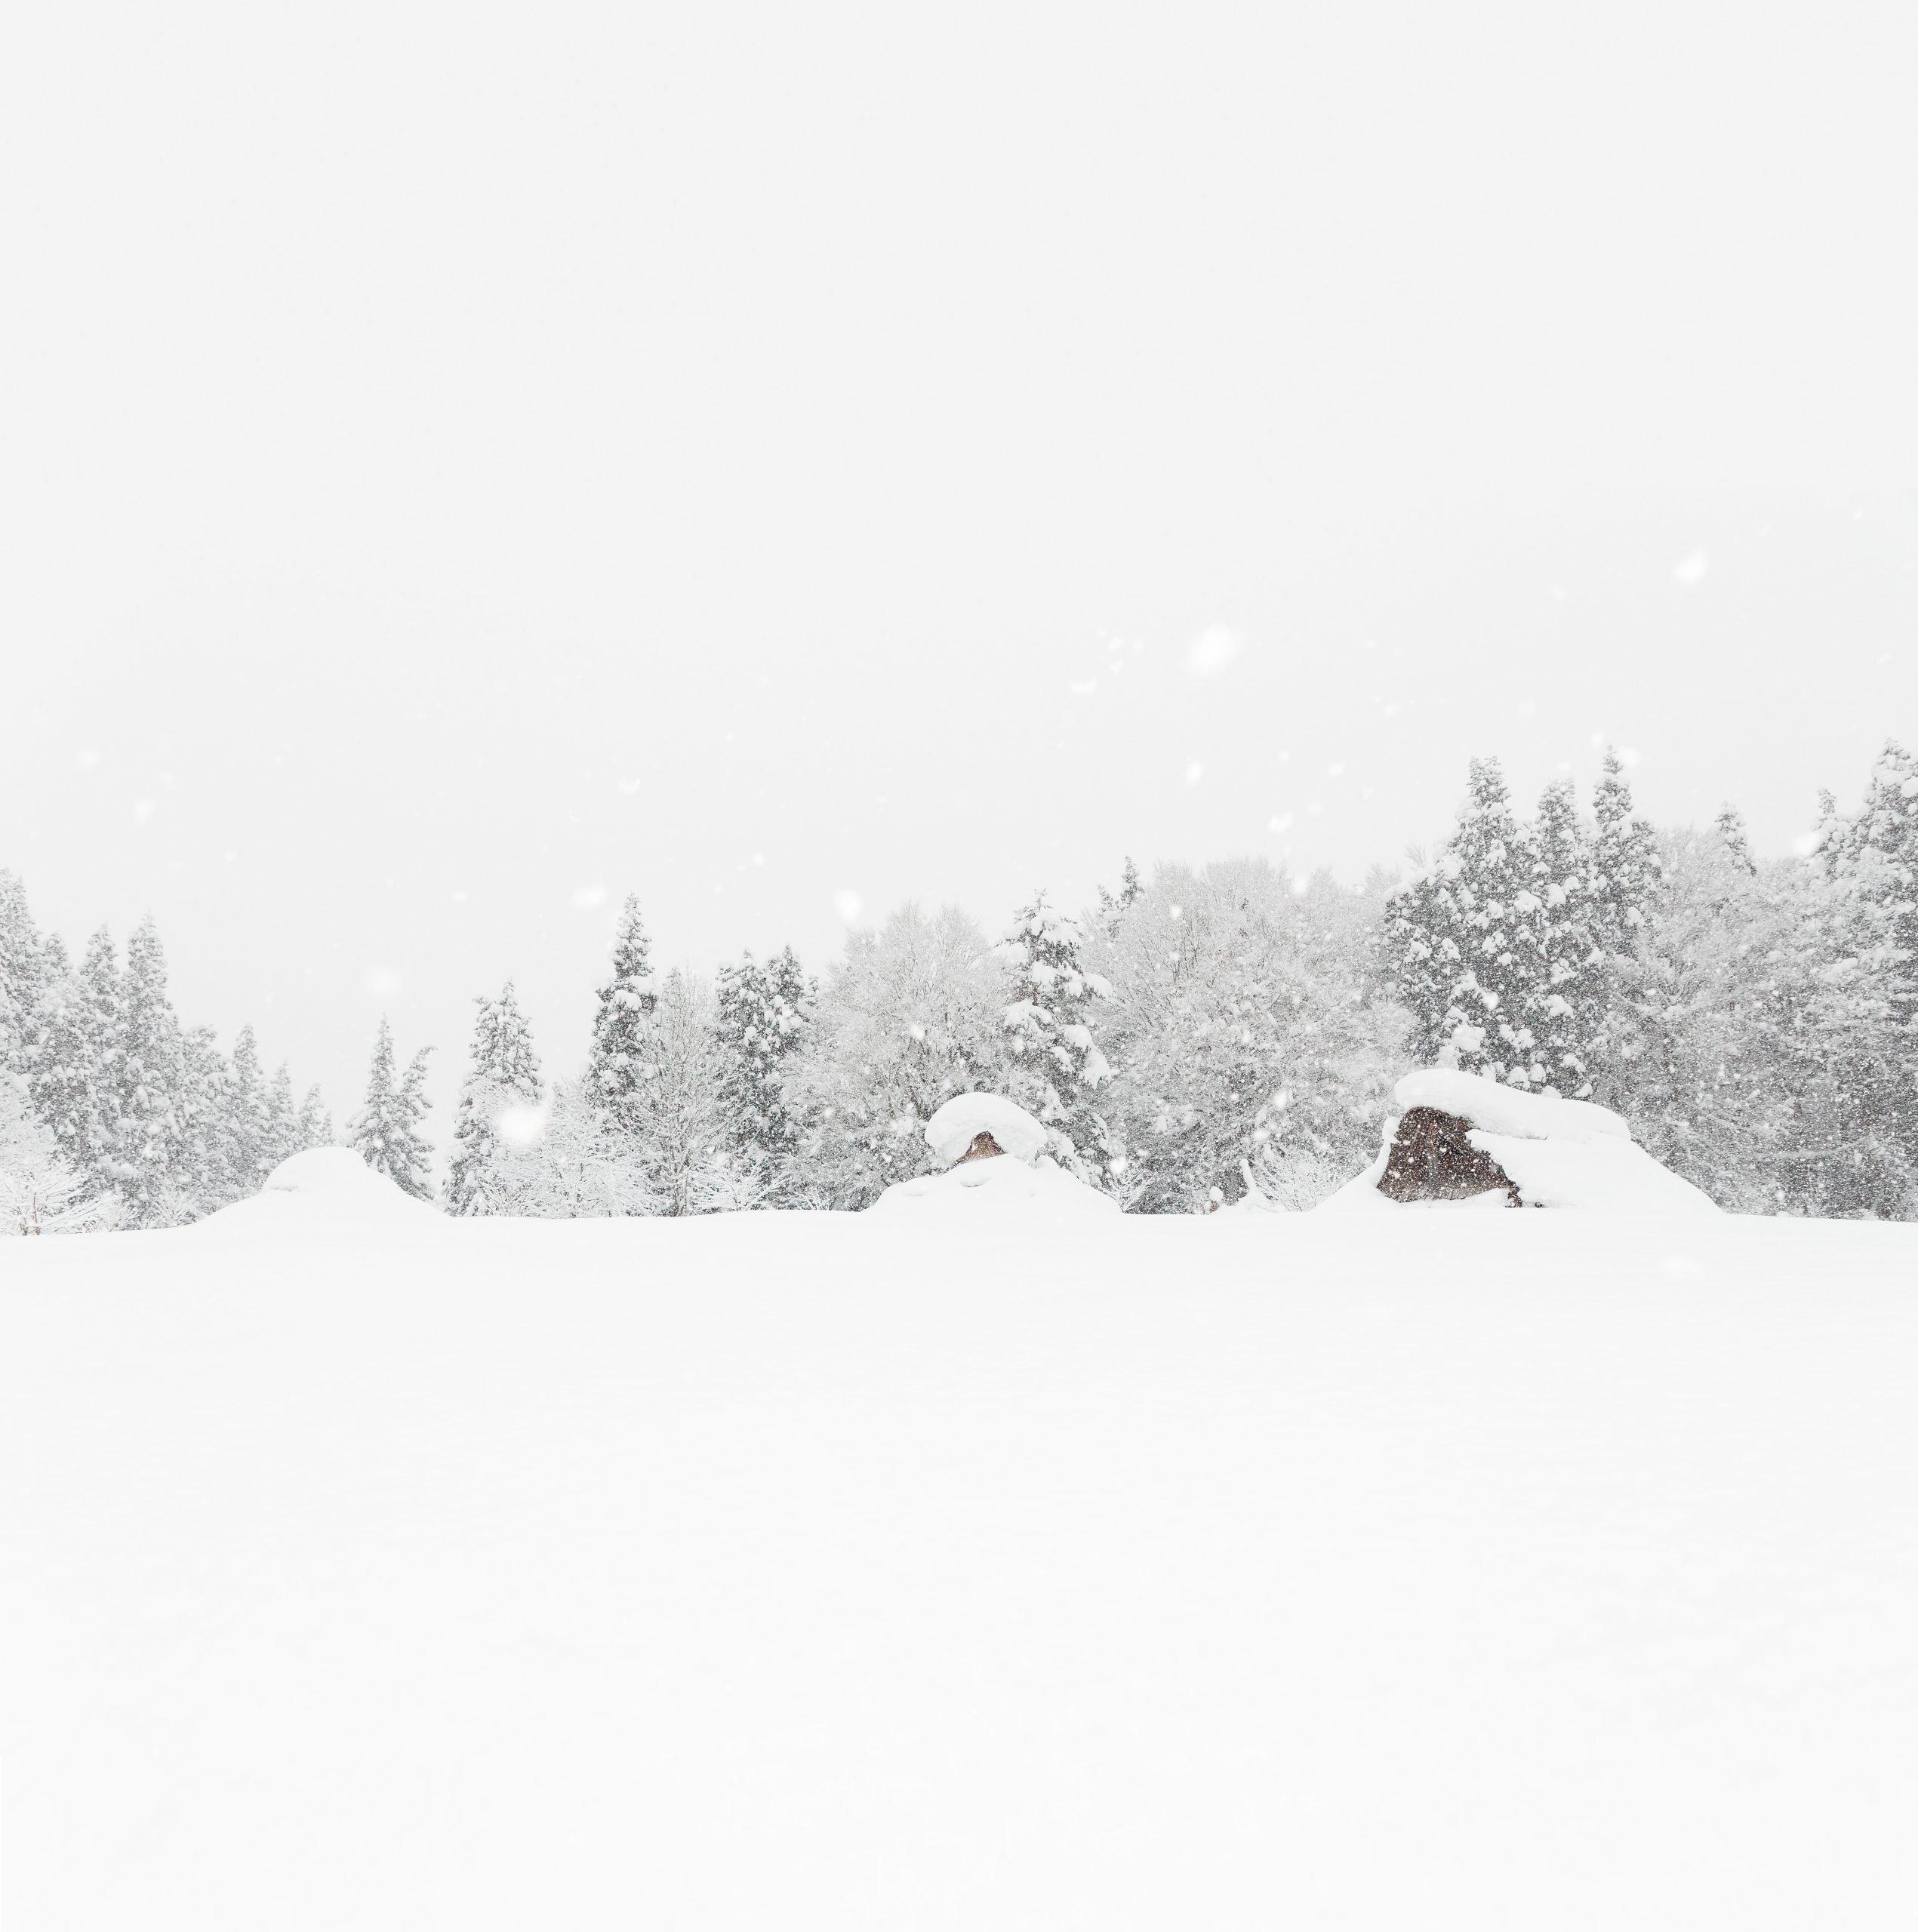 Jomon village in the snow